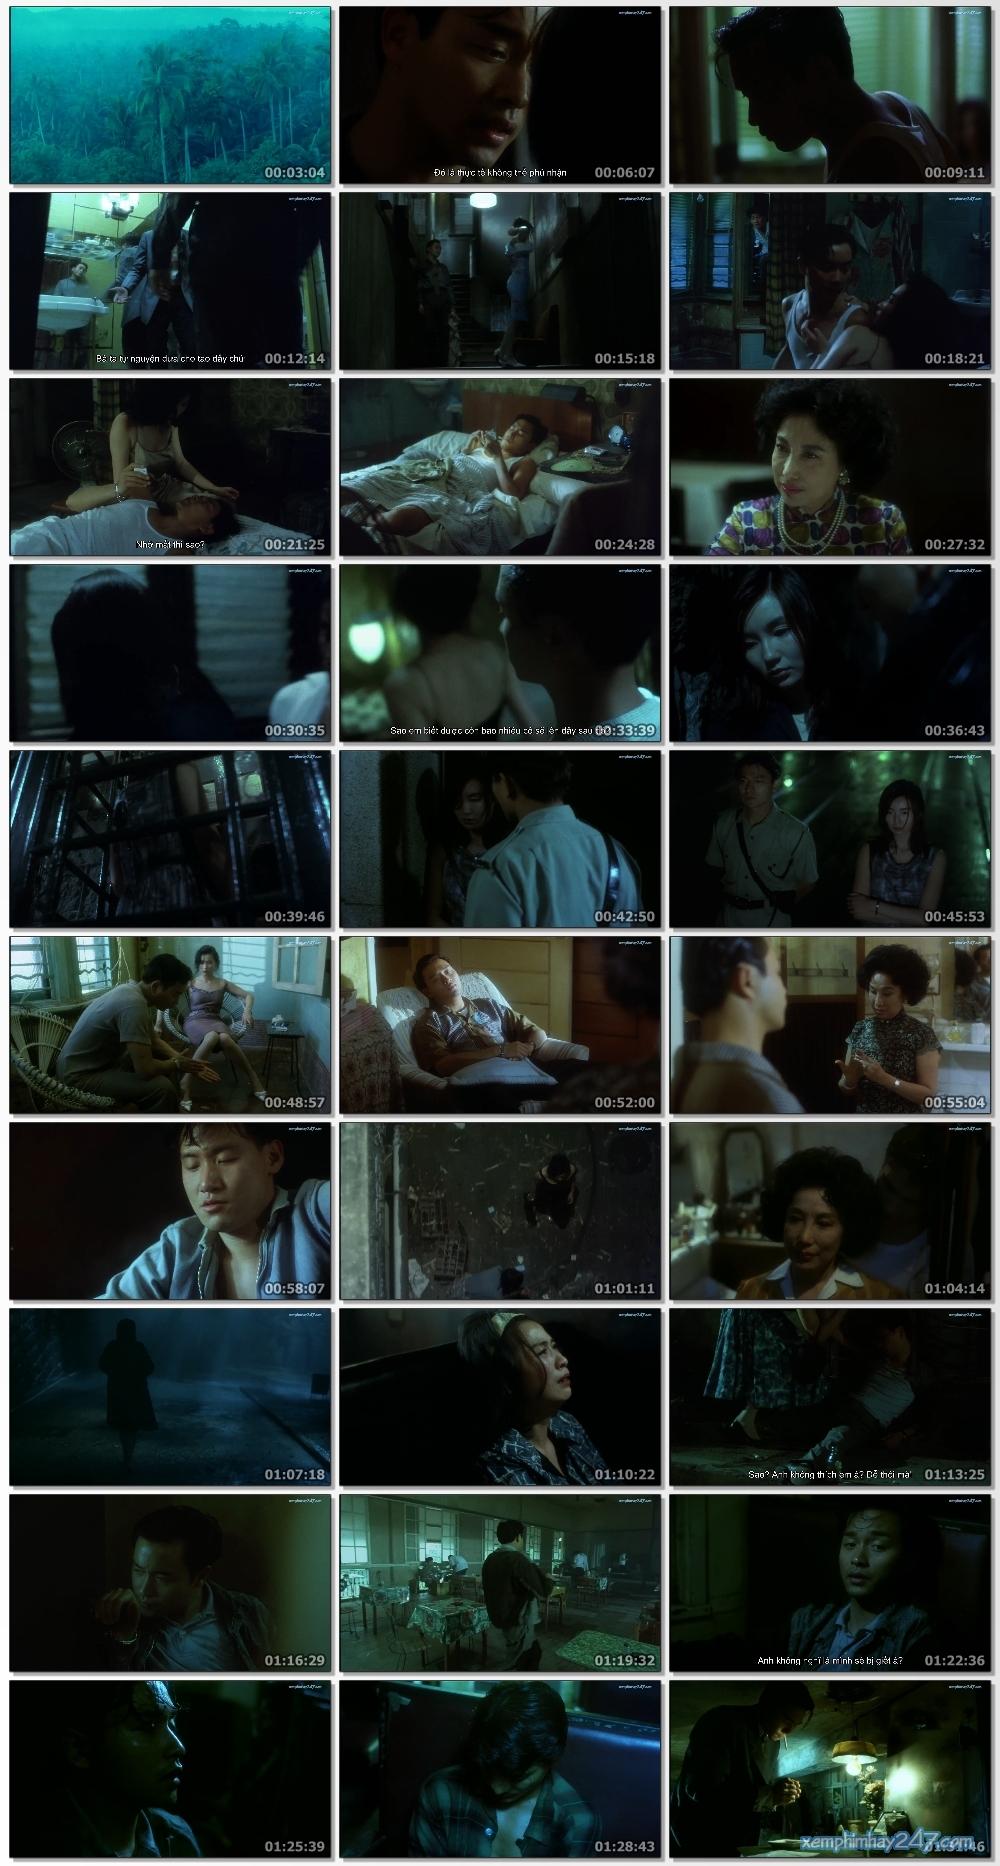 http://xemphimhay247.com - Xem phim hay 247 - A Phi Chính Truyện (1990) - Days Of Being Wild (1990)